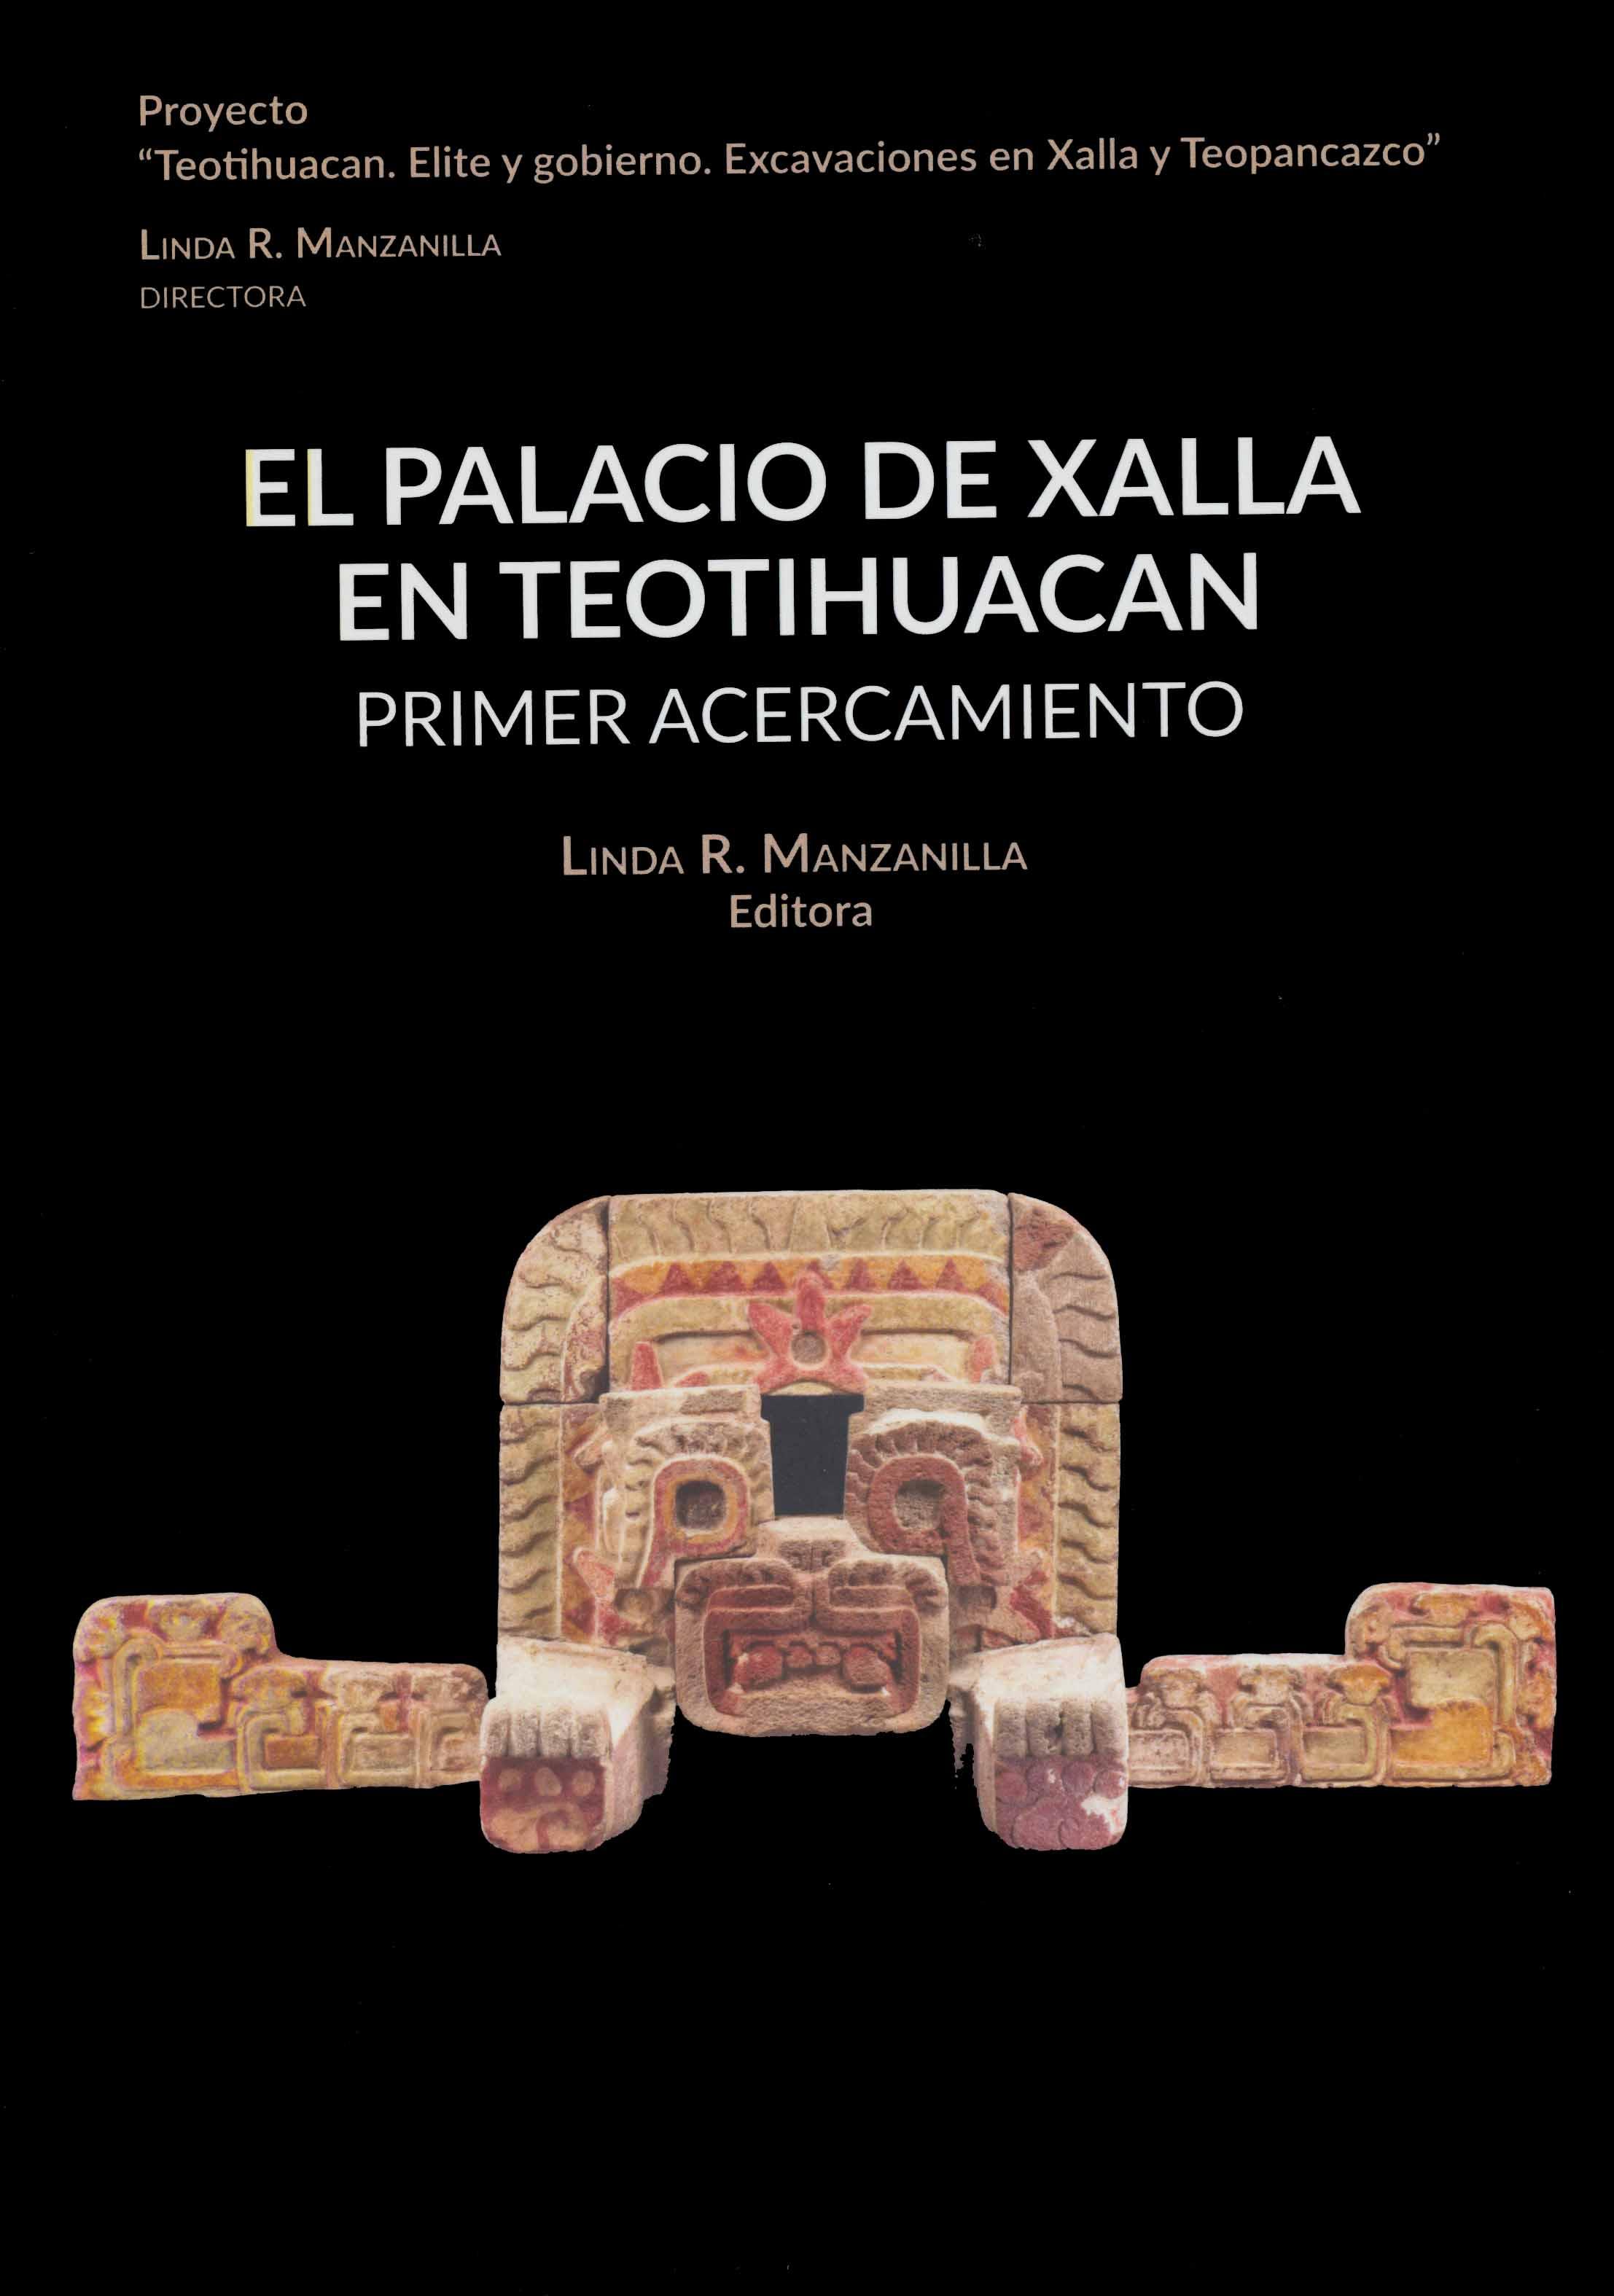 El Palacio de Xalla en Teotihuacan. Primer acercamiento